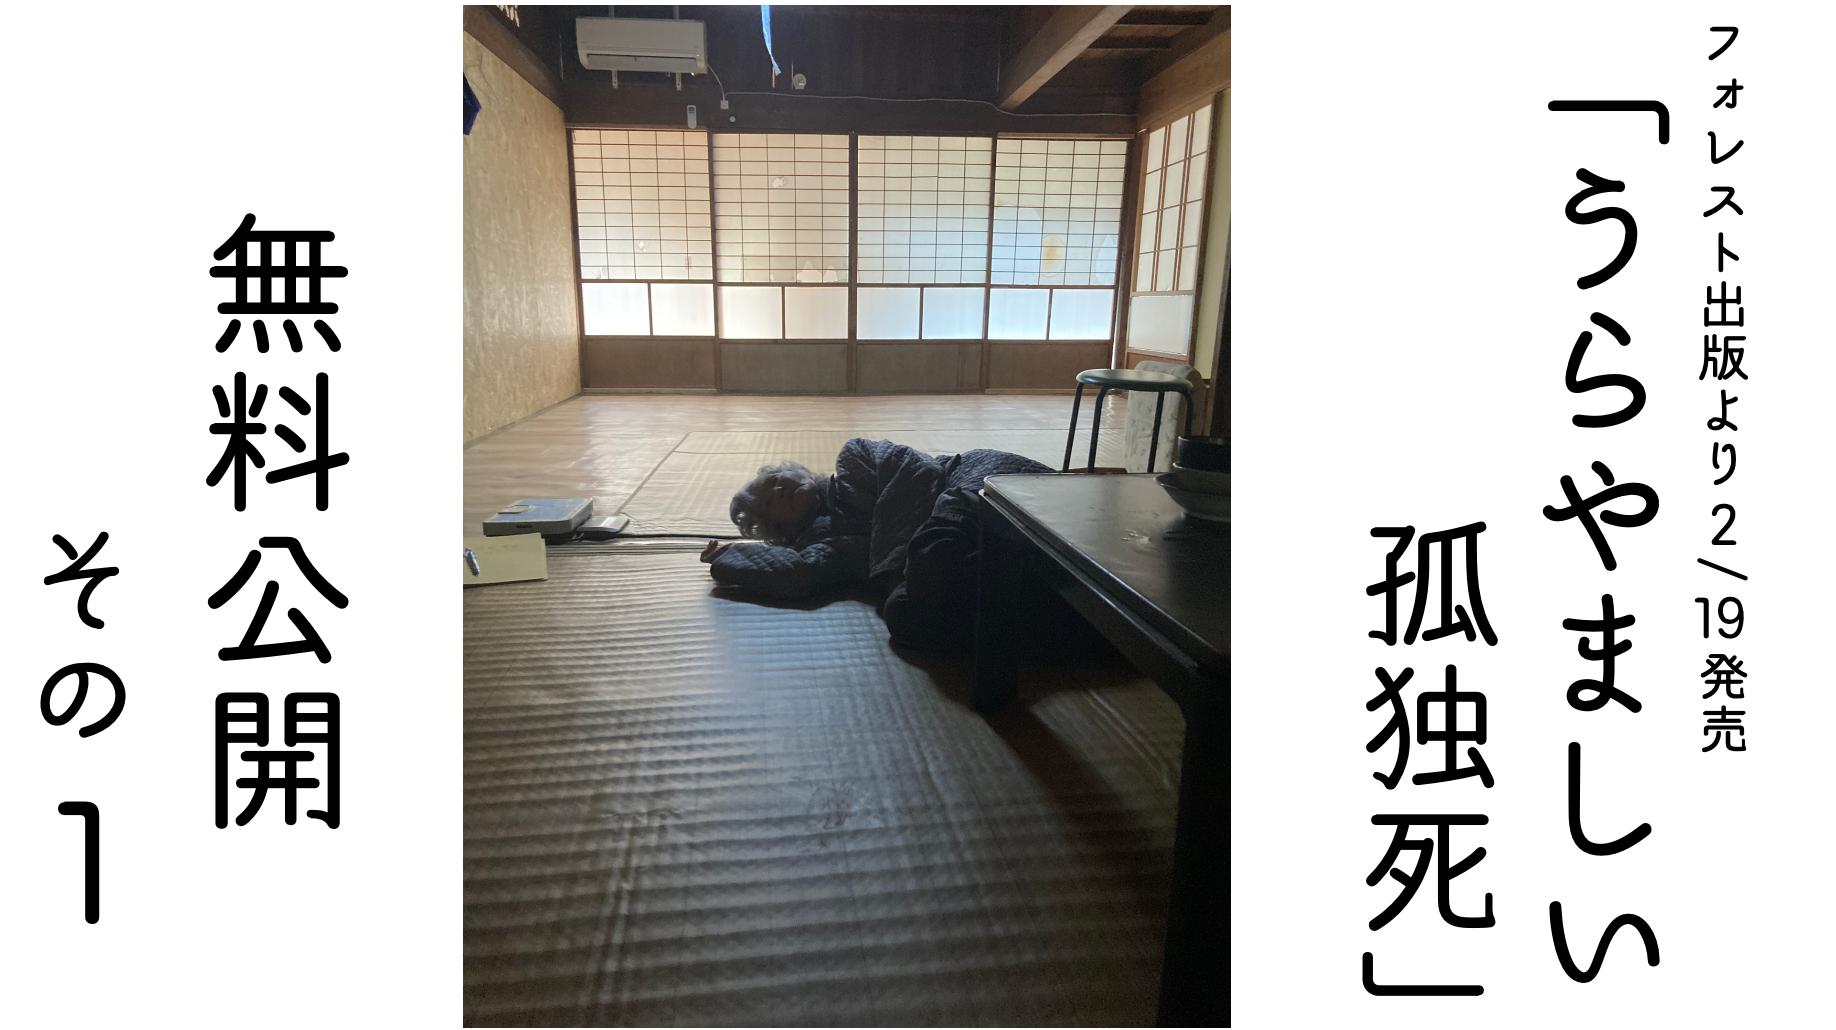 うらやましい孤独死【無料公開版(1)】